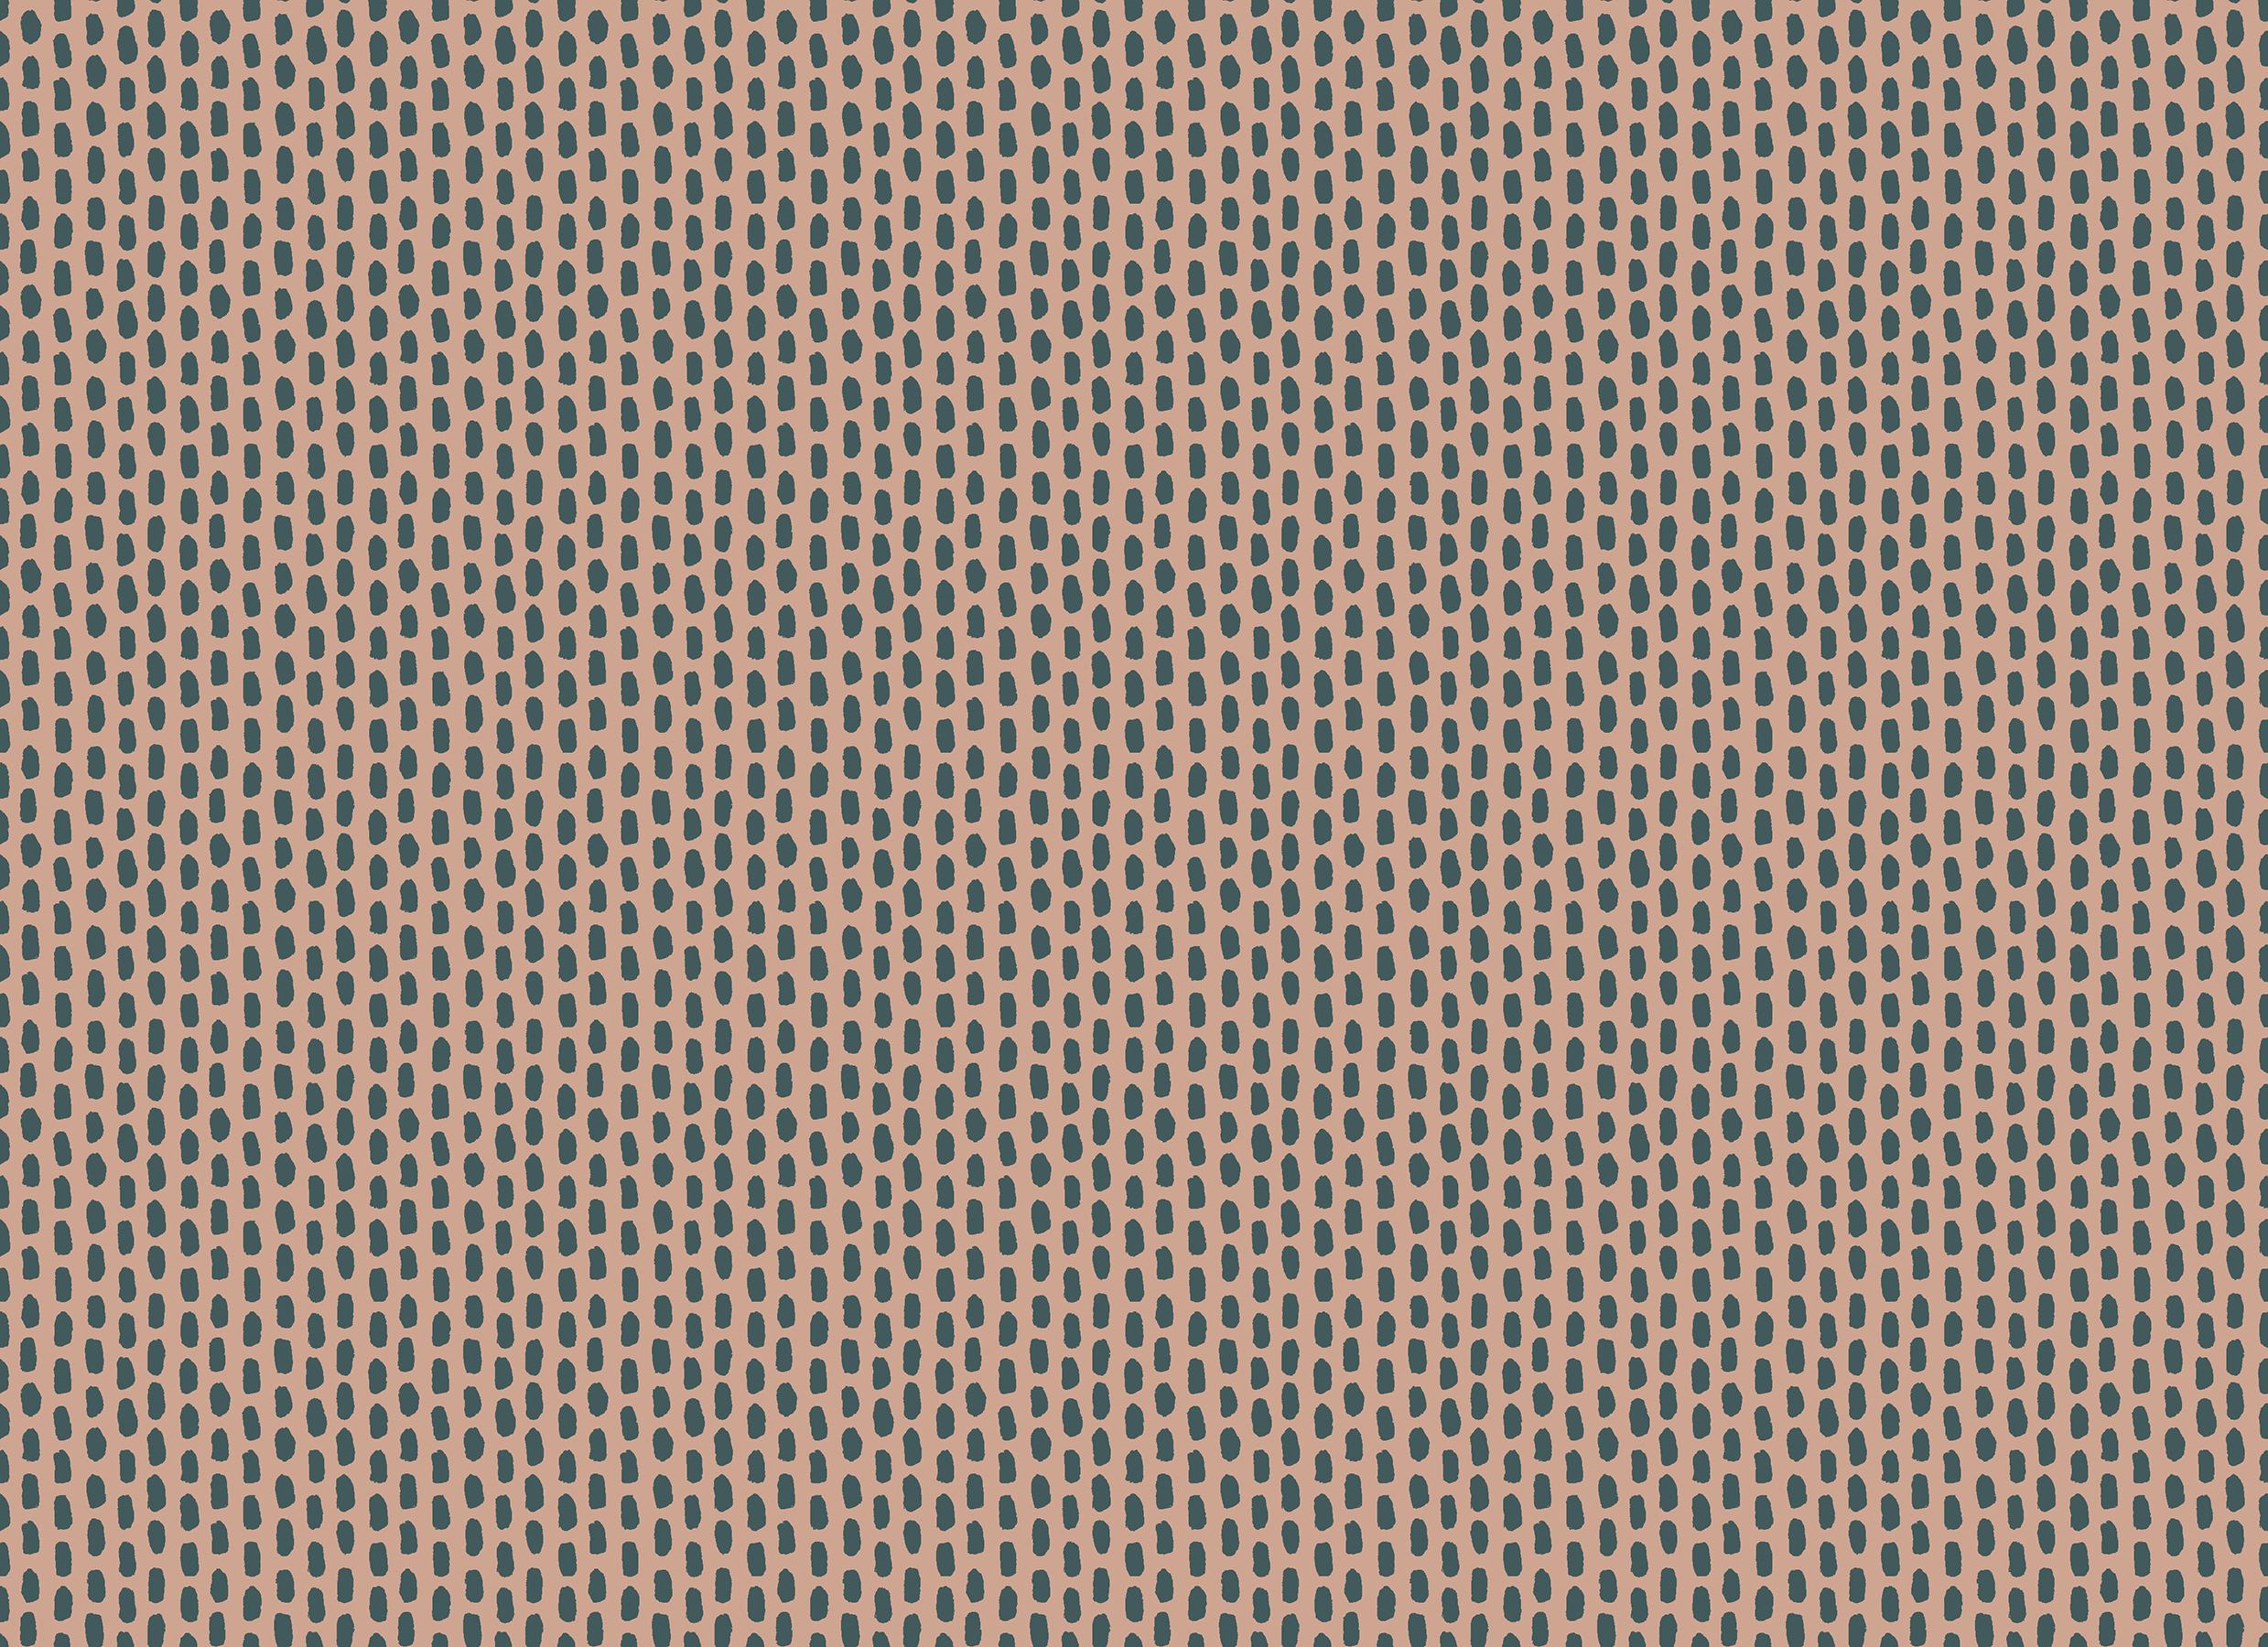 Cotton Poplin- Dear Isla- Morning Dew- Forest Floor STH#11229582